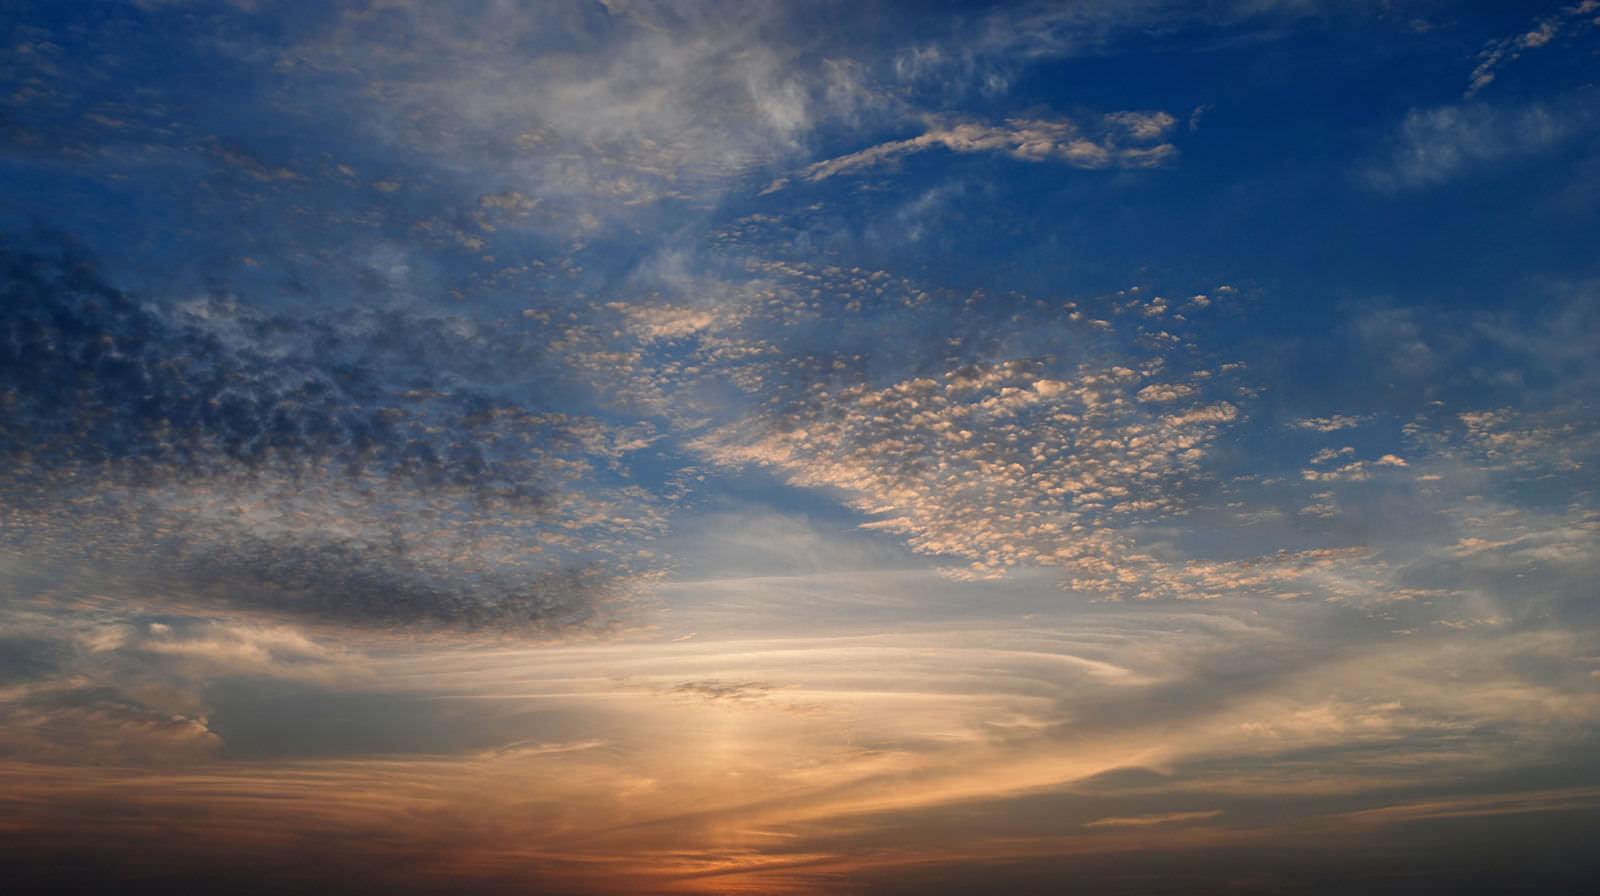 À l'occasion du Jour de la Terre, ArianeGroup vous invite à lever les yeux vers le ciel